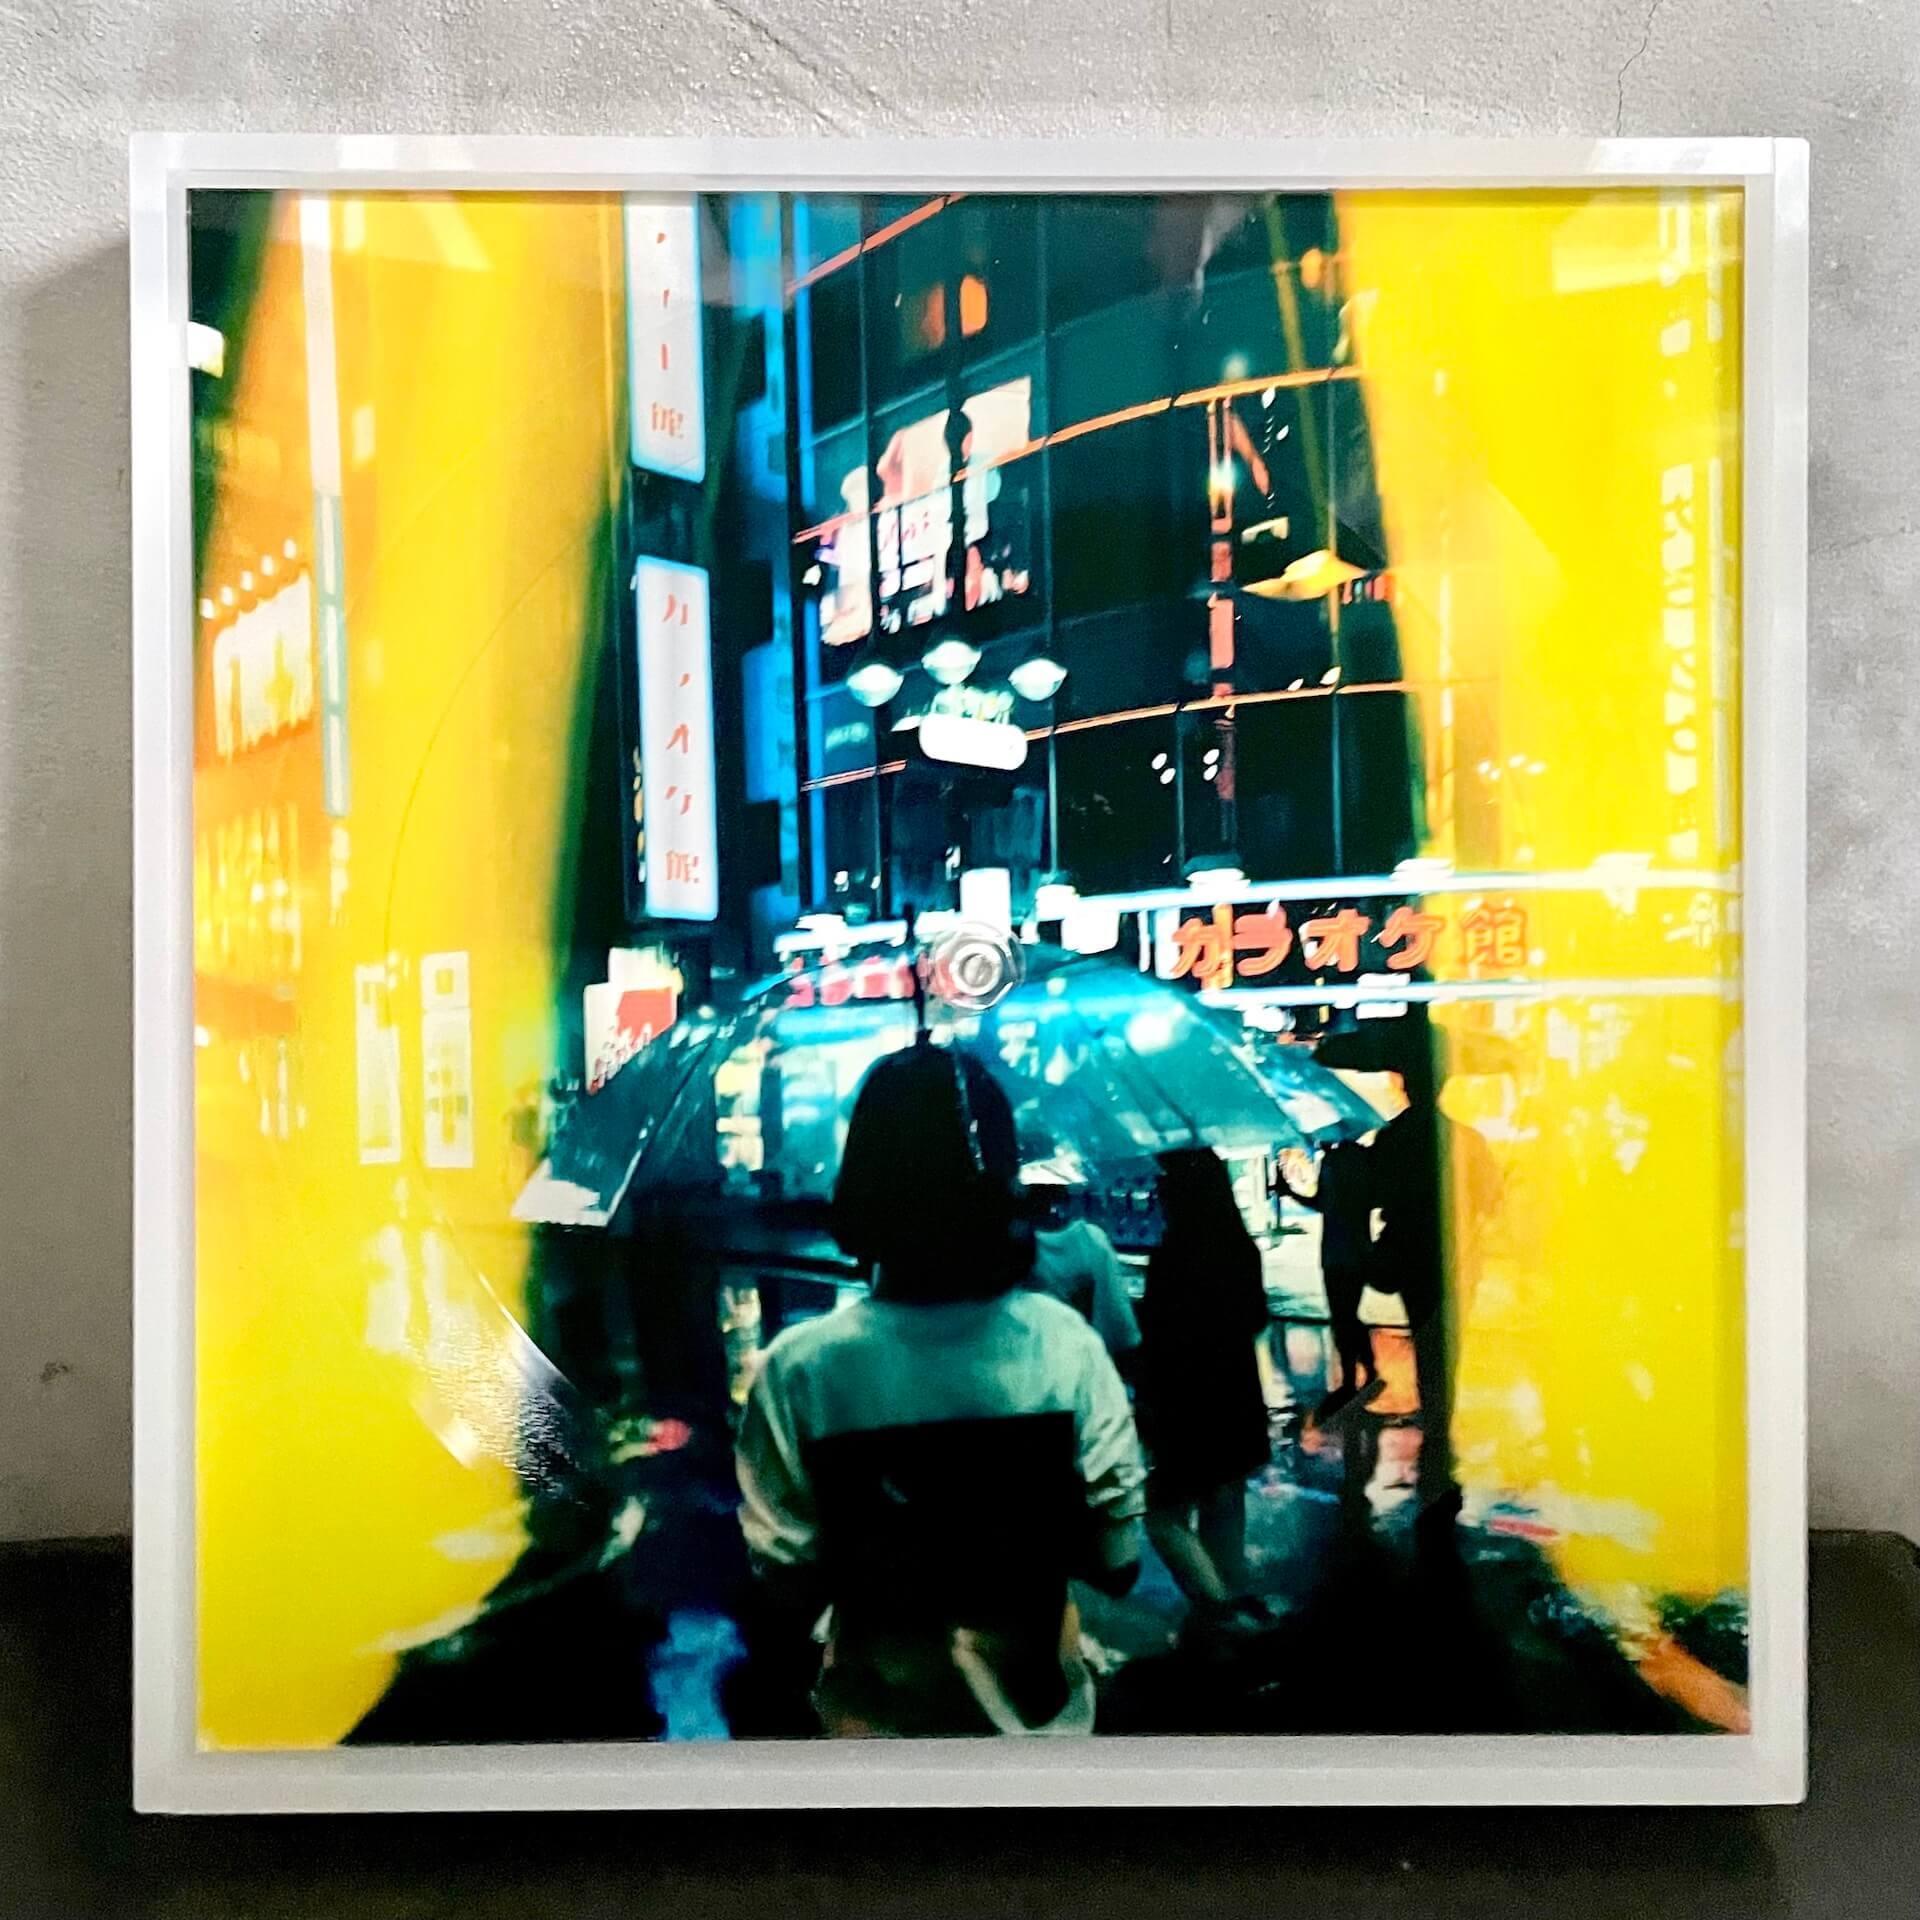 黒瀧節也による音楽と写真を組み合わせたアートヴァイナルやNFT作品のエキシビジョン<ALTER EGO>が原宿 THE PLUGにて開催! art210604_alterego_13